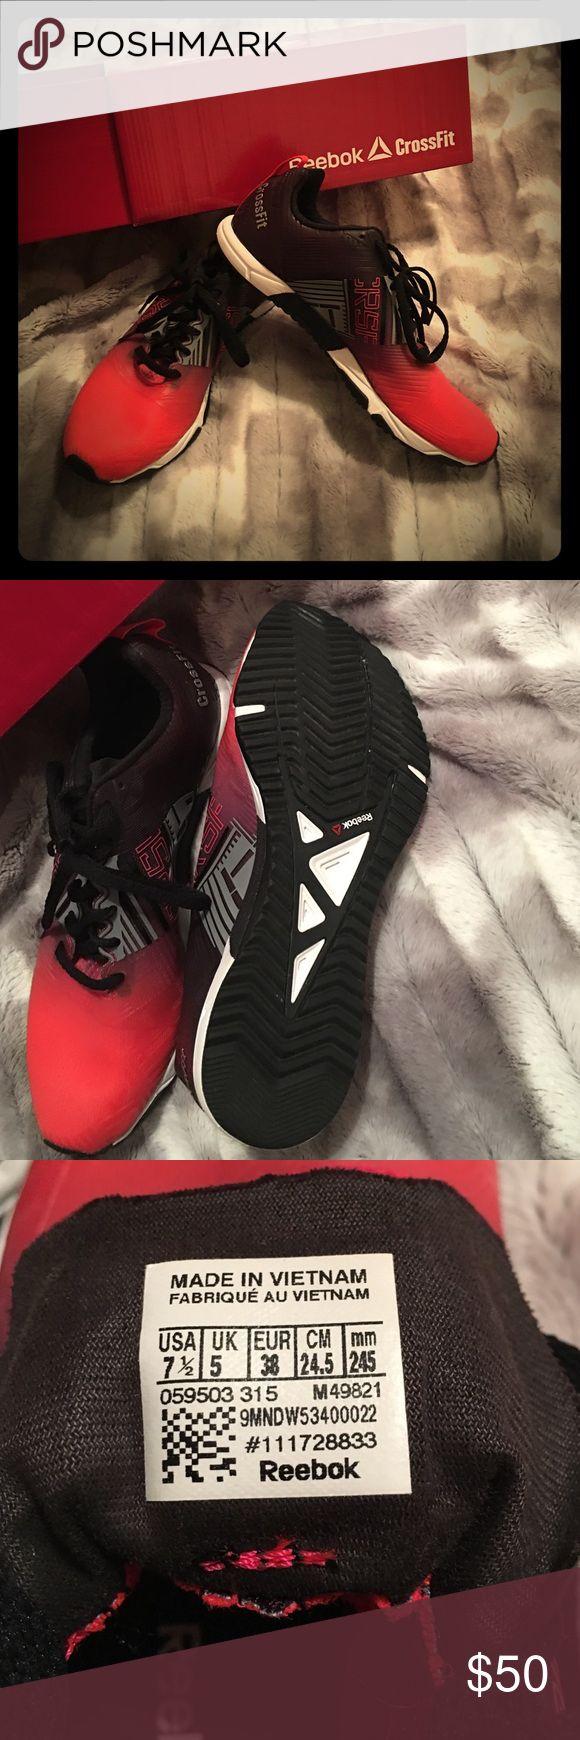 Reebok CrossFit Sprint 2.0 / only worn twice Reebok CrossFit Sprint 2.0 / only worn twice Reebok Shoes Athletic Shoes